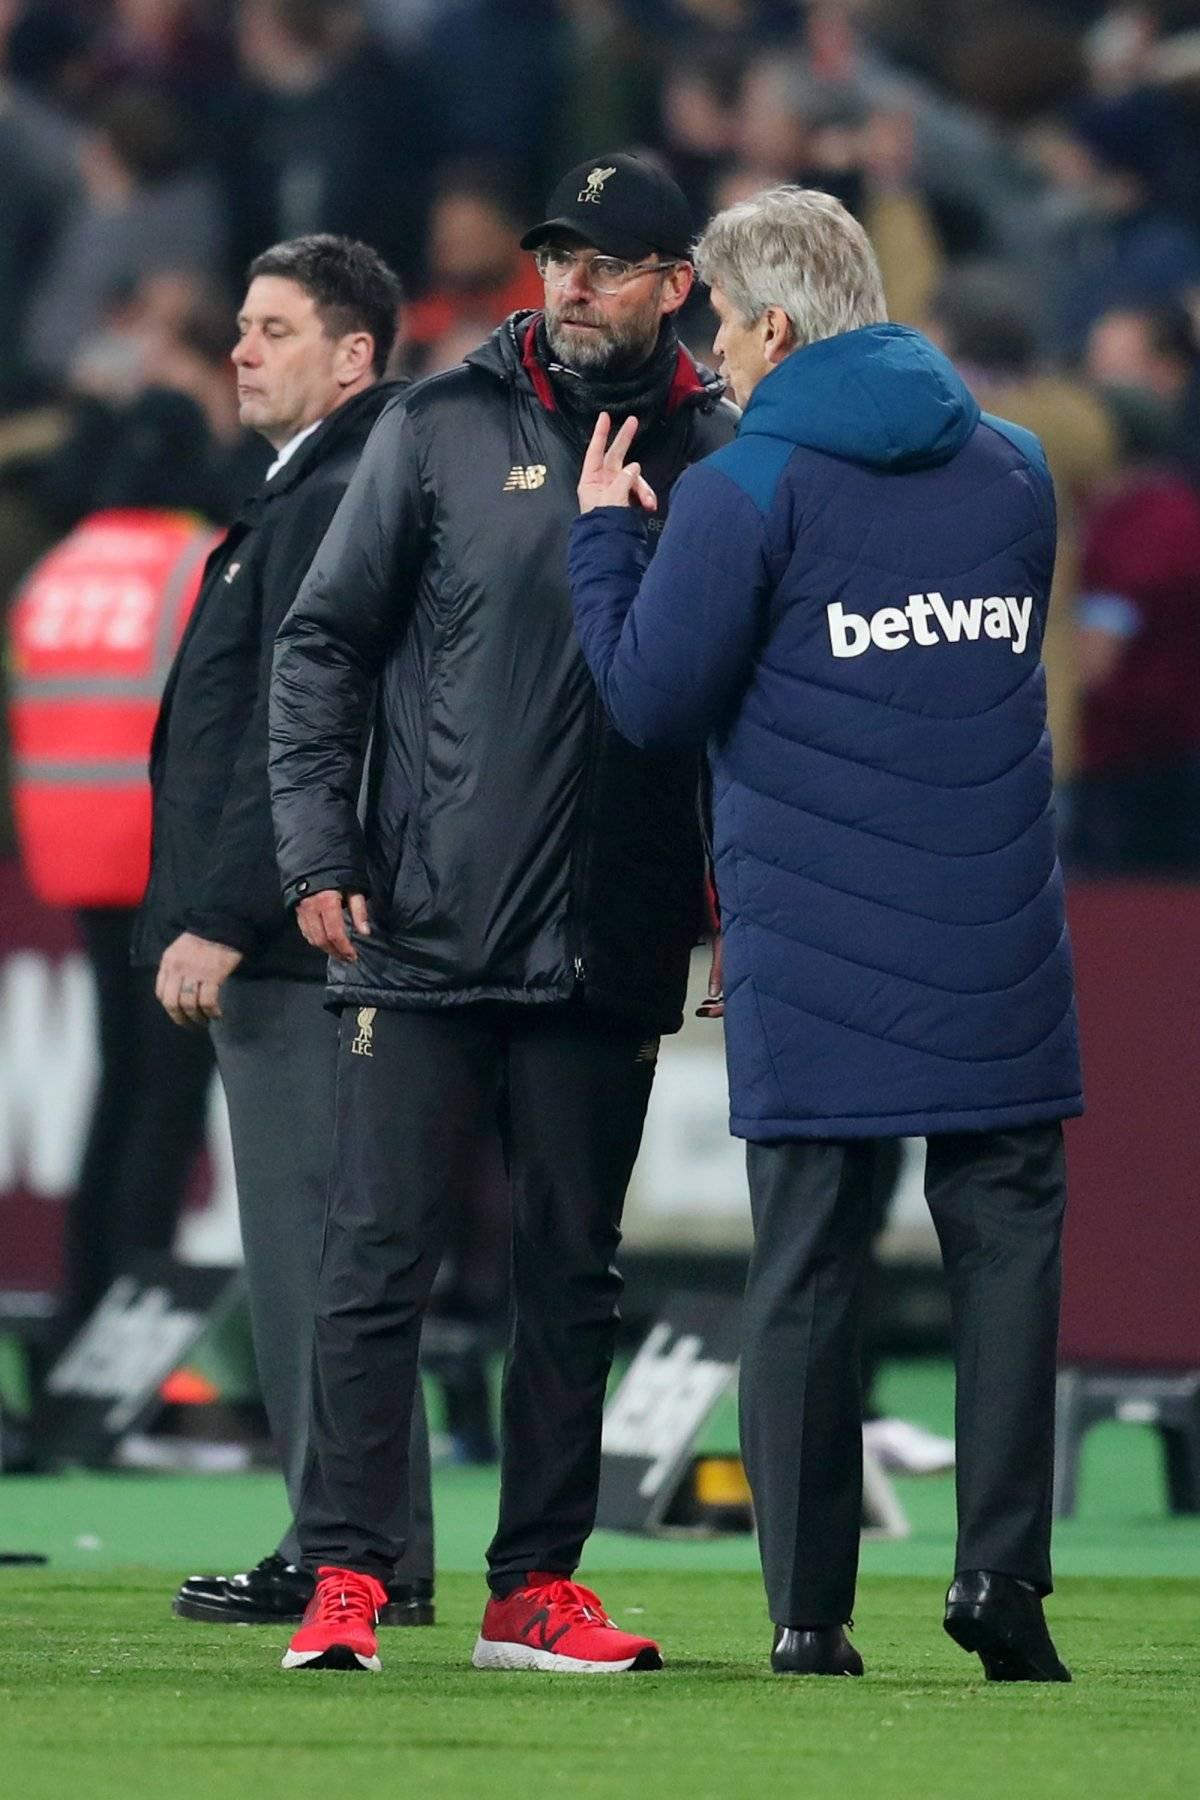 Los técnicos del West Ham y el Liverpool tuvieron una áspera discusión tras el empate 1-1 por la 25º fecha de la Premier League. / Getty Images